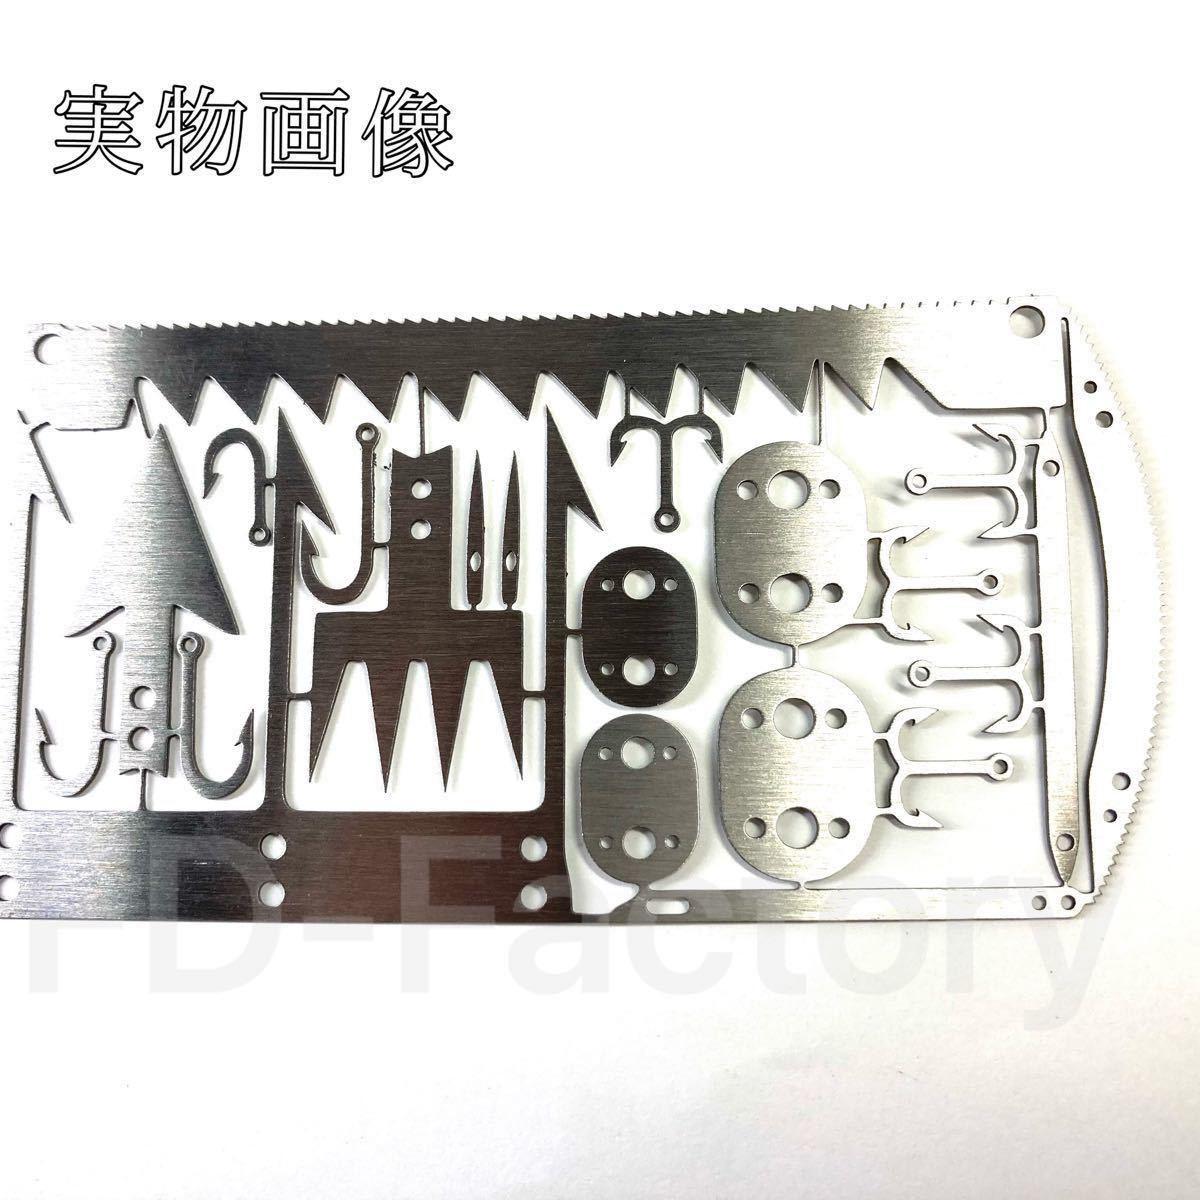 【匿名配送】緊急時 アウトドア サバイバル 金属製ツールセット マルチツール